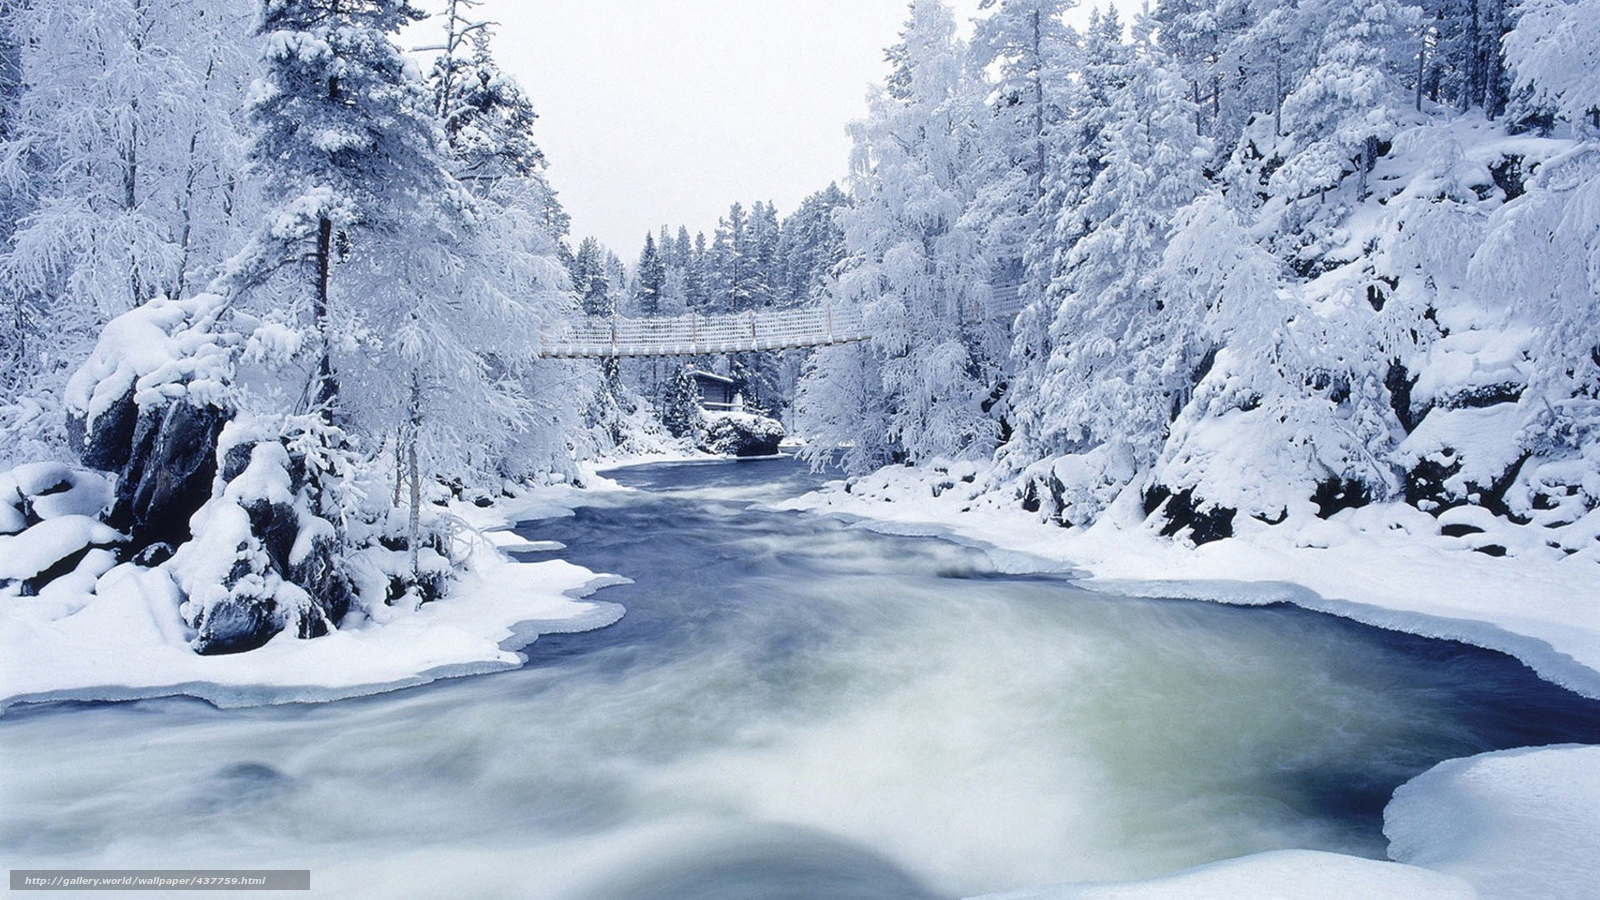 Scaricare gli sfondi inverno fiume ponte paesaggio for Immagini inverno sfondi